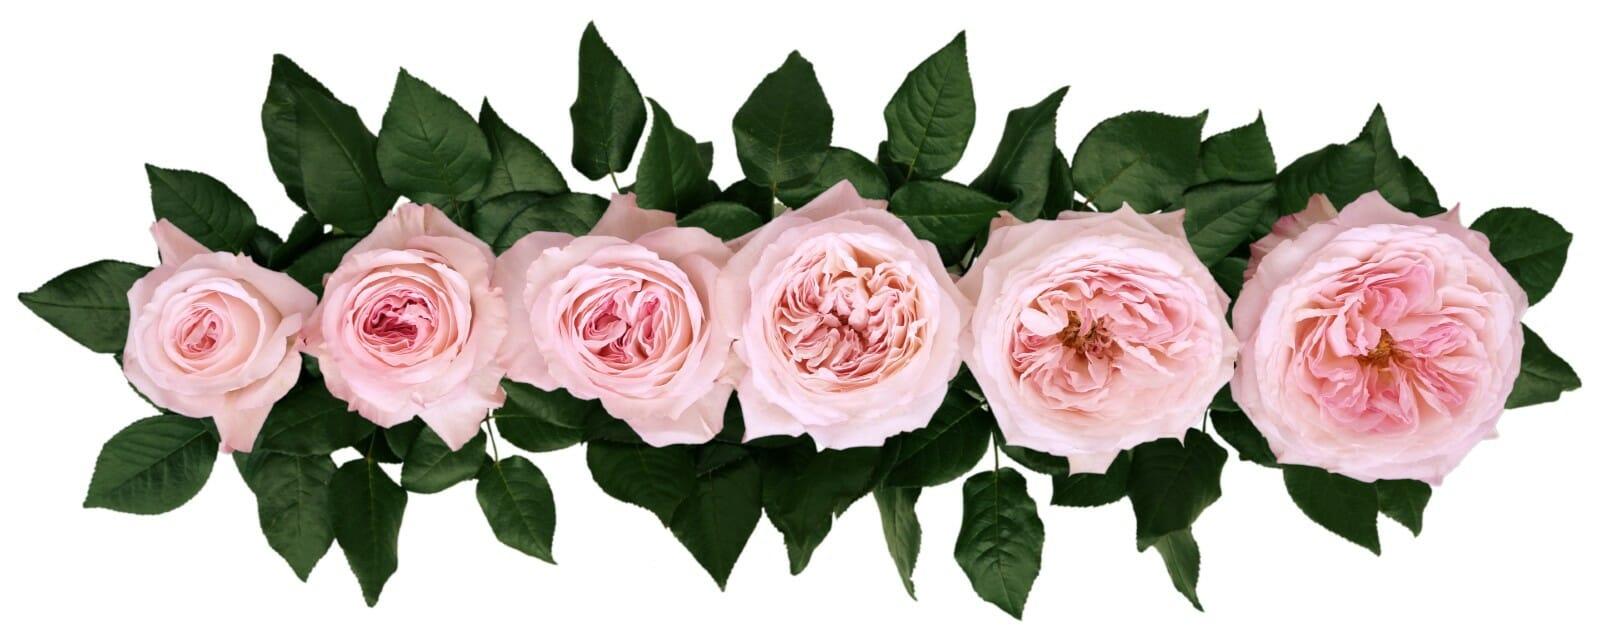 David Austin Keira Wedding Rose Point of Cut